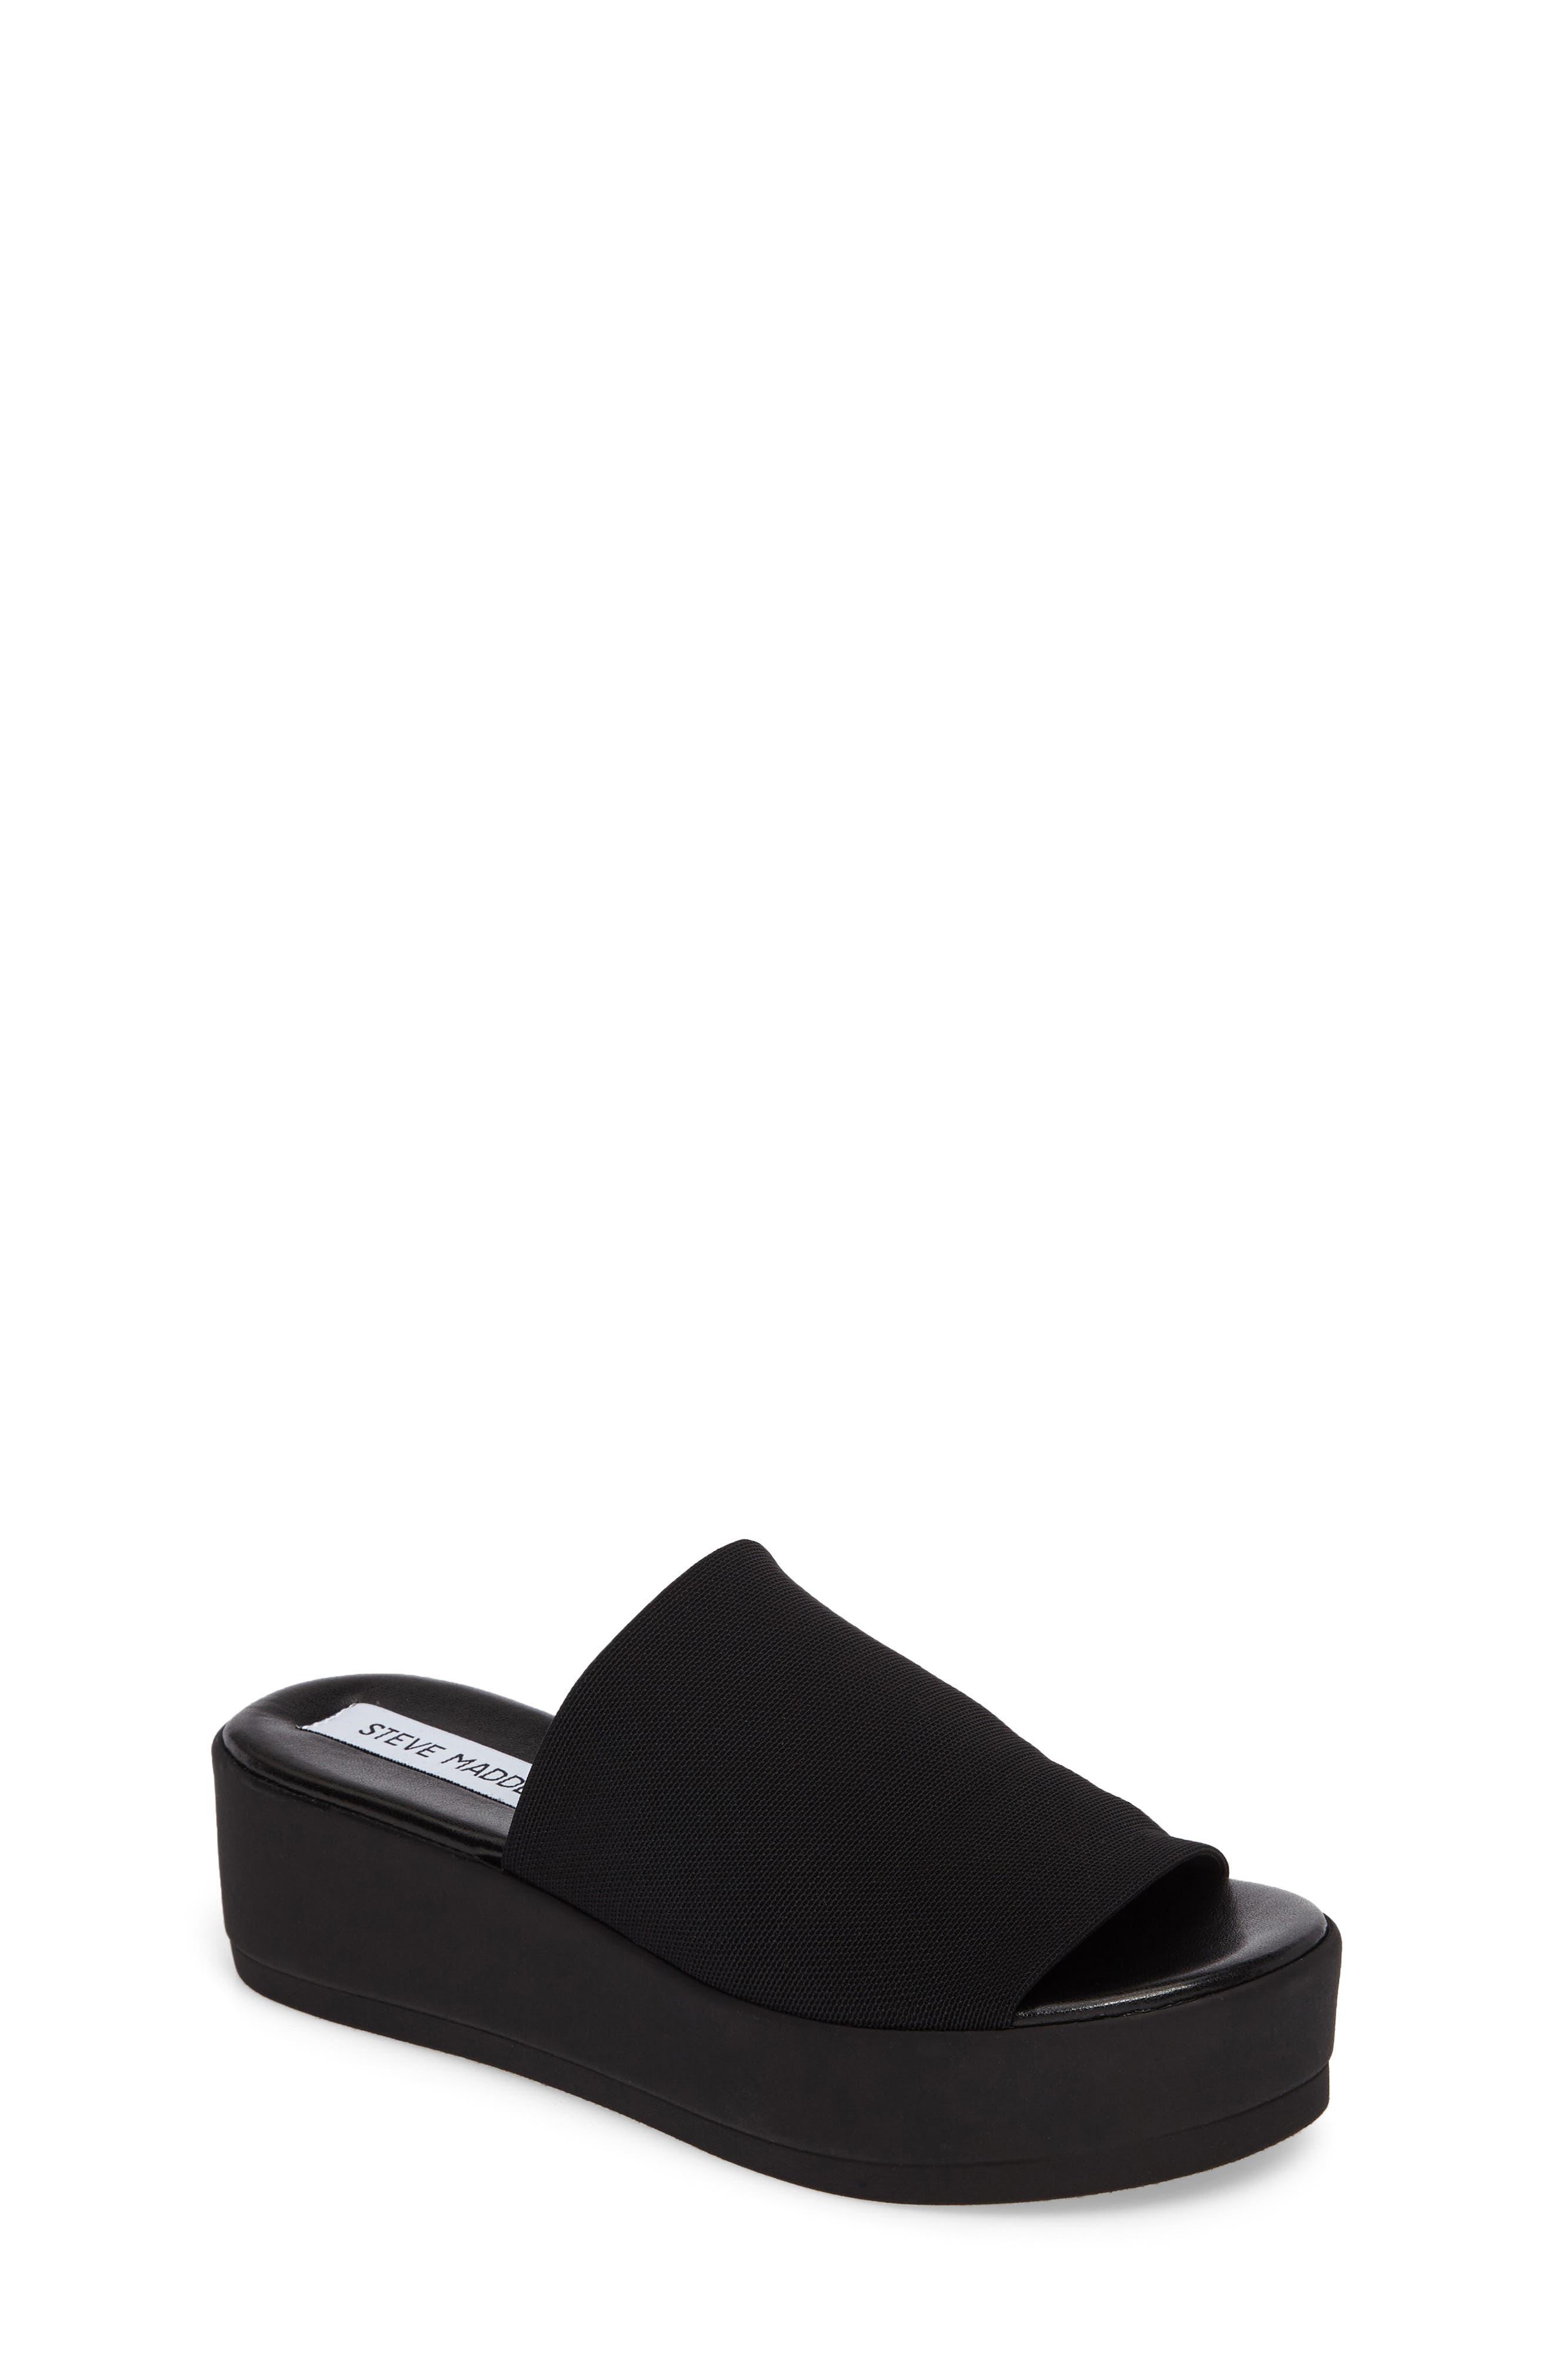 Jslinky Platform Slide Sandal,                             Main thumbnail 1, color,                             Black